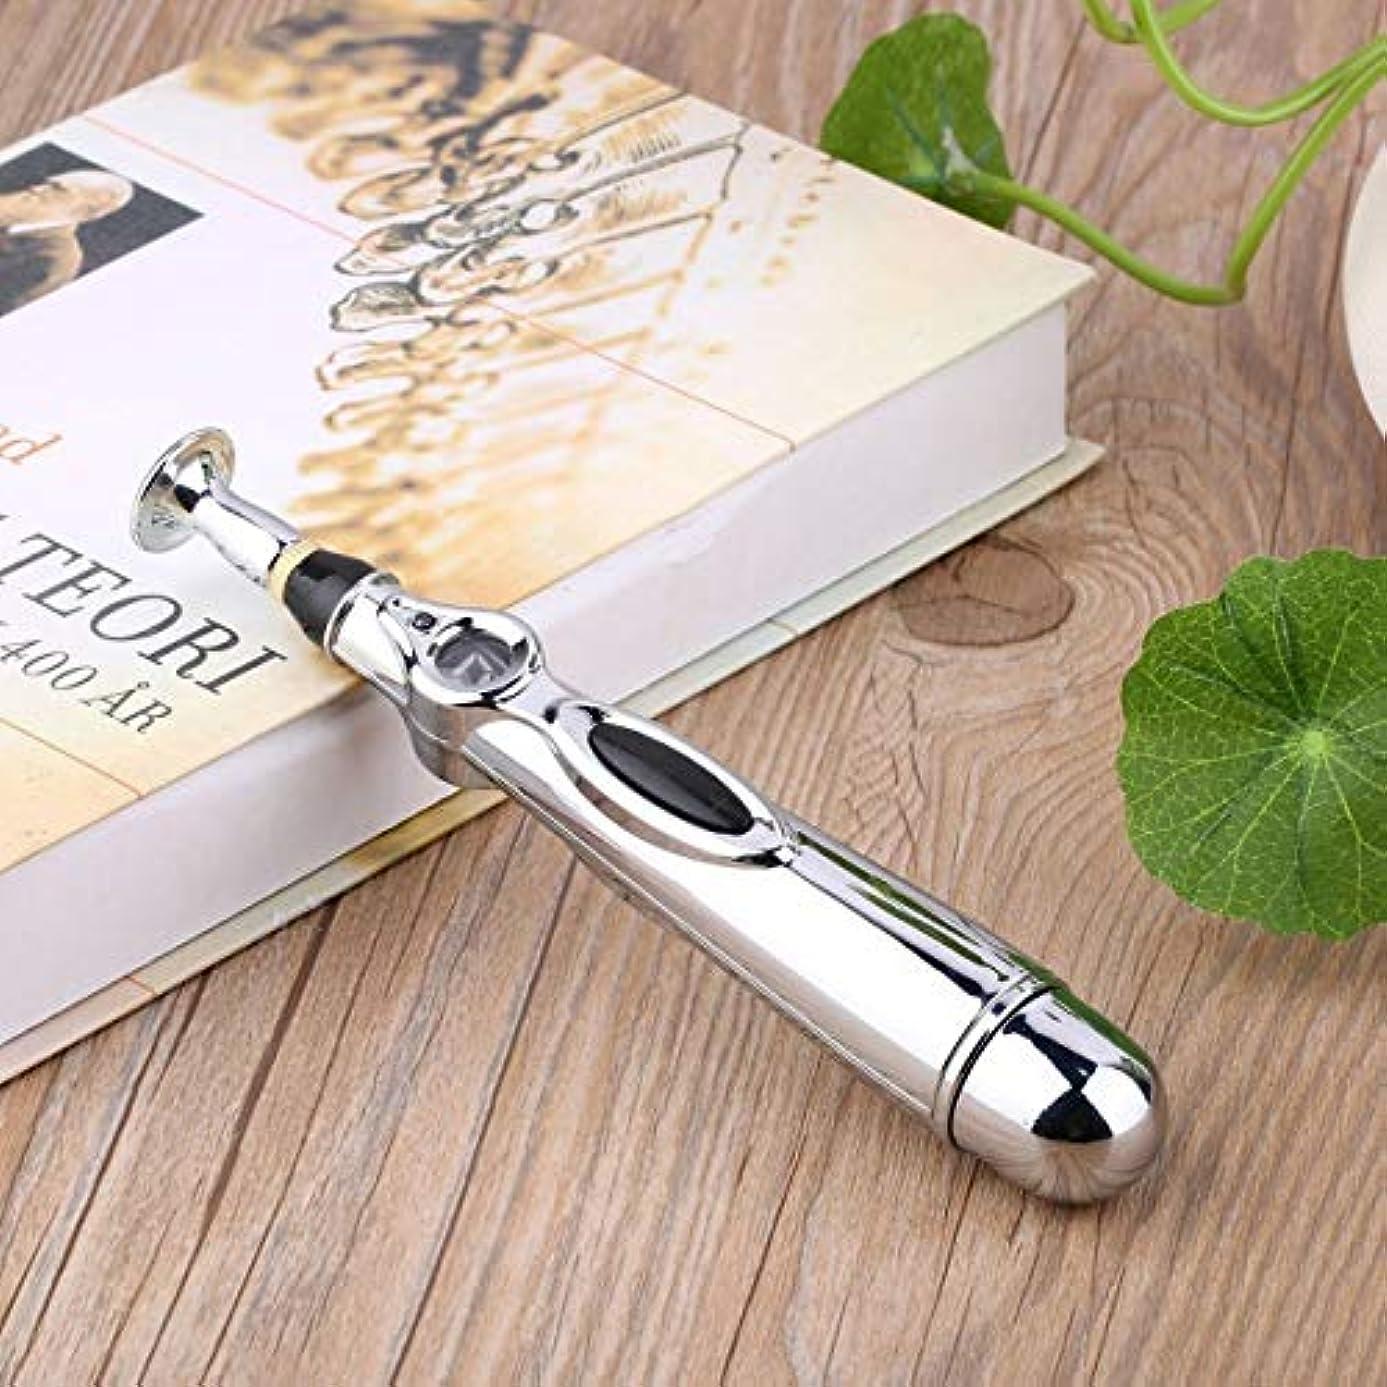 ドックひもカビ電気鍼マッサージペンの健康子午線の痛みを軽減する治療電子子午線エネルギーペンのマッサージボディヘッドネック脚